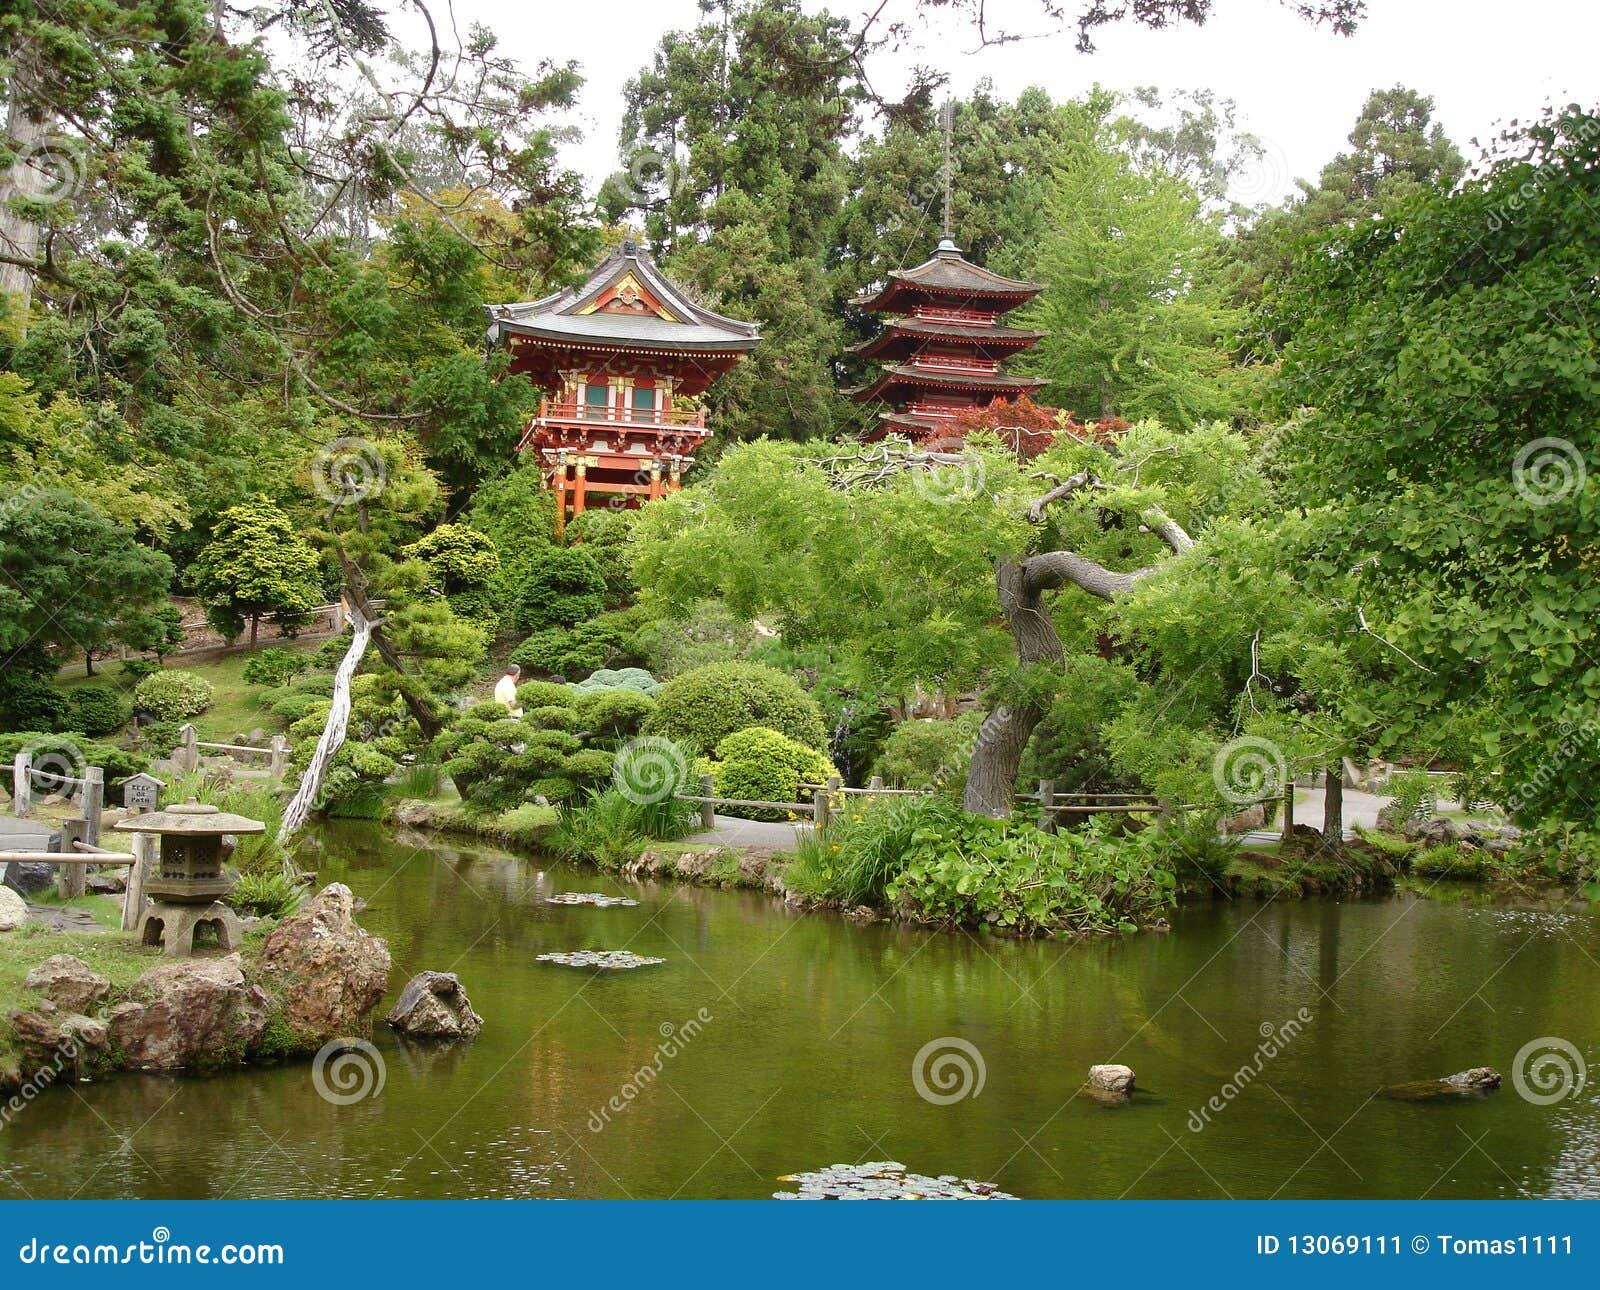 casa-e-jardim-japoneses-com-lago-13069111.jpg